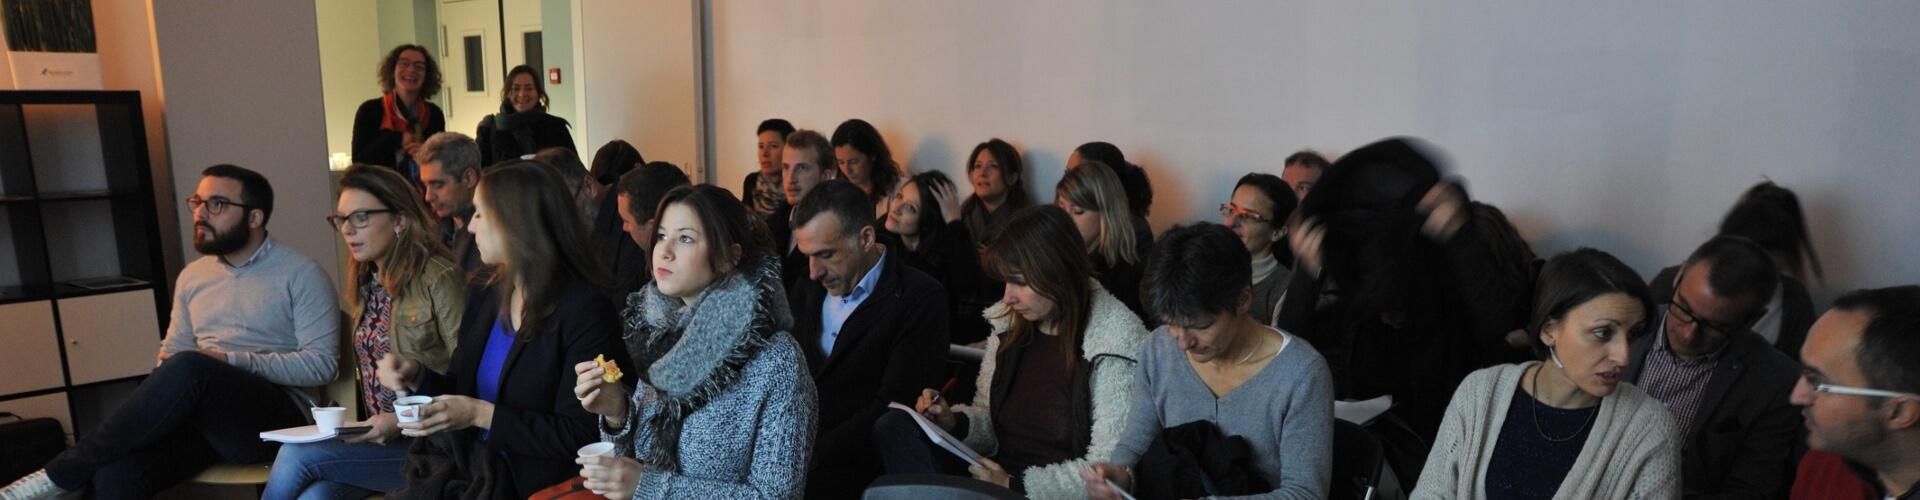 cafe cours atelier webmarketing decembre loire